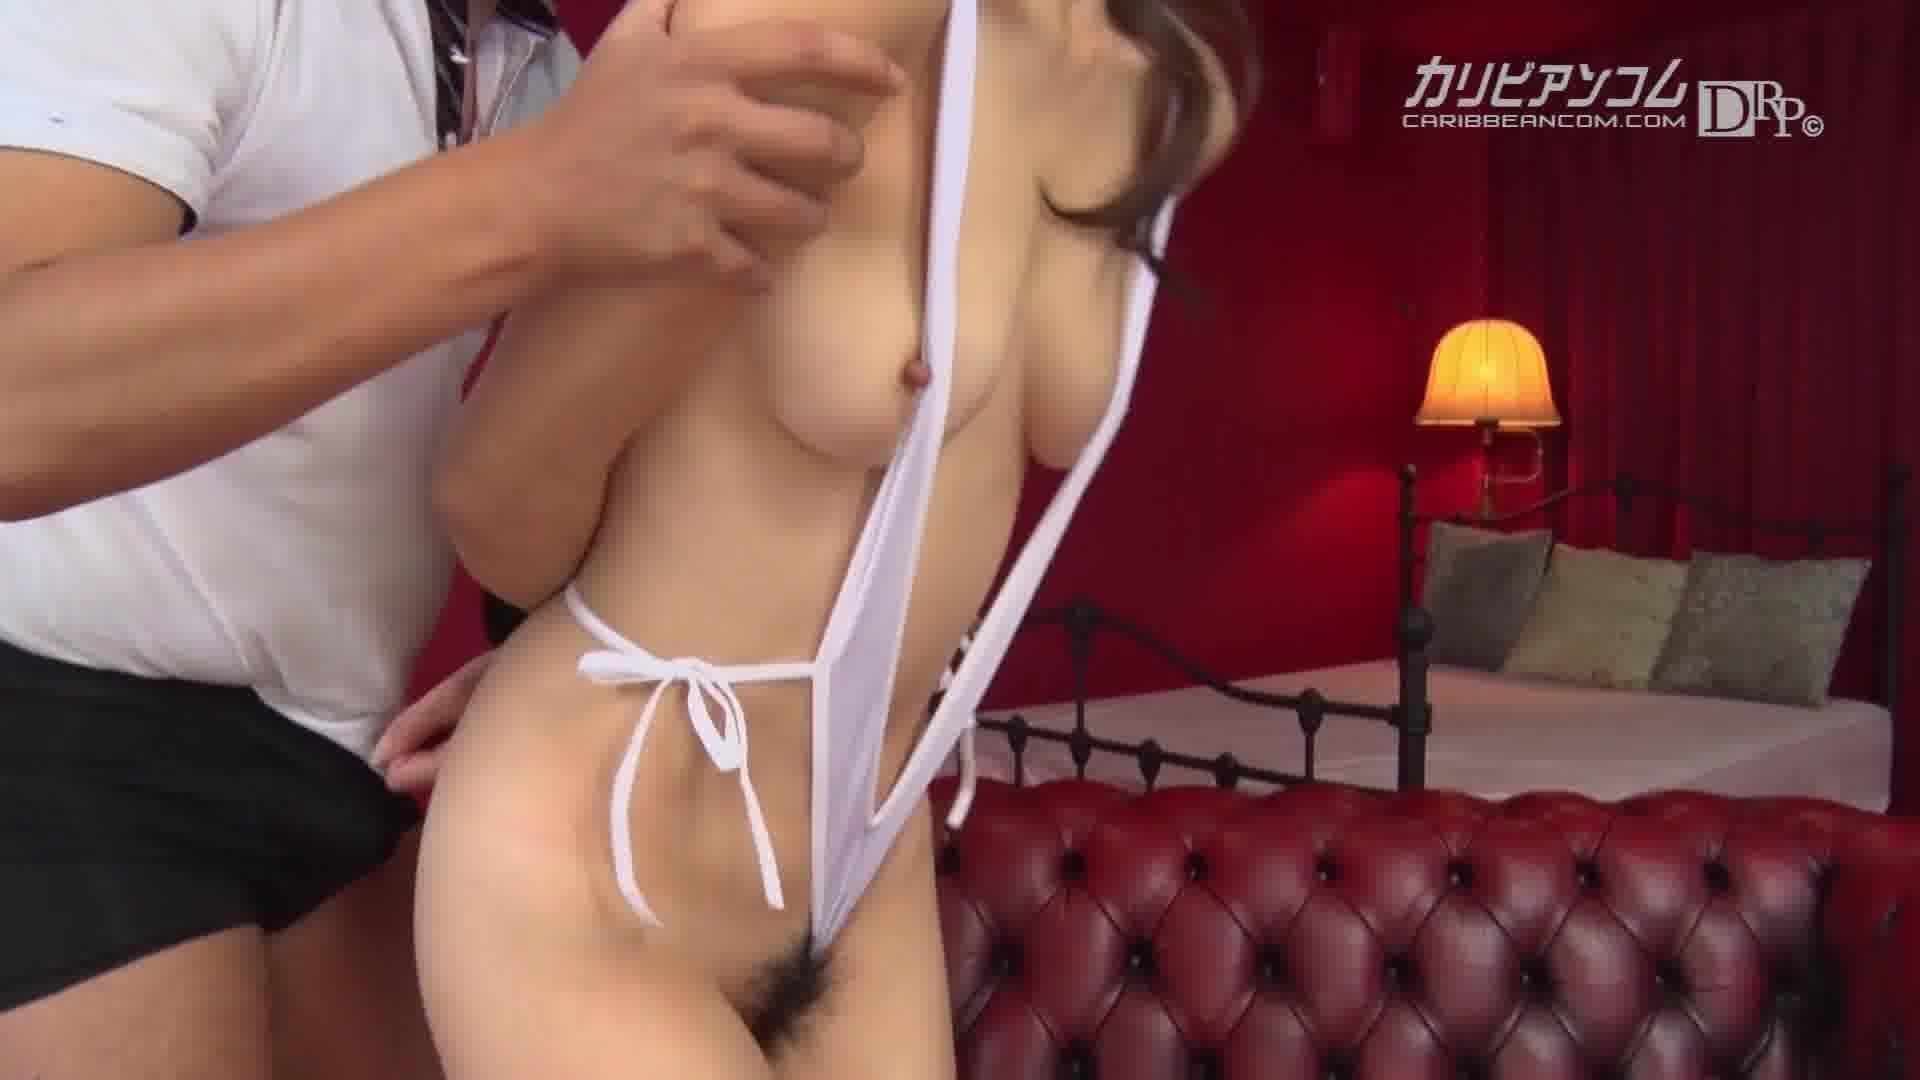 性欲処理マゾマスク ~欲して悶える濡れた美熟女~ - 性欲処理マゾマスク 10号【ボンテージ・スレンダー・中出し】